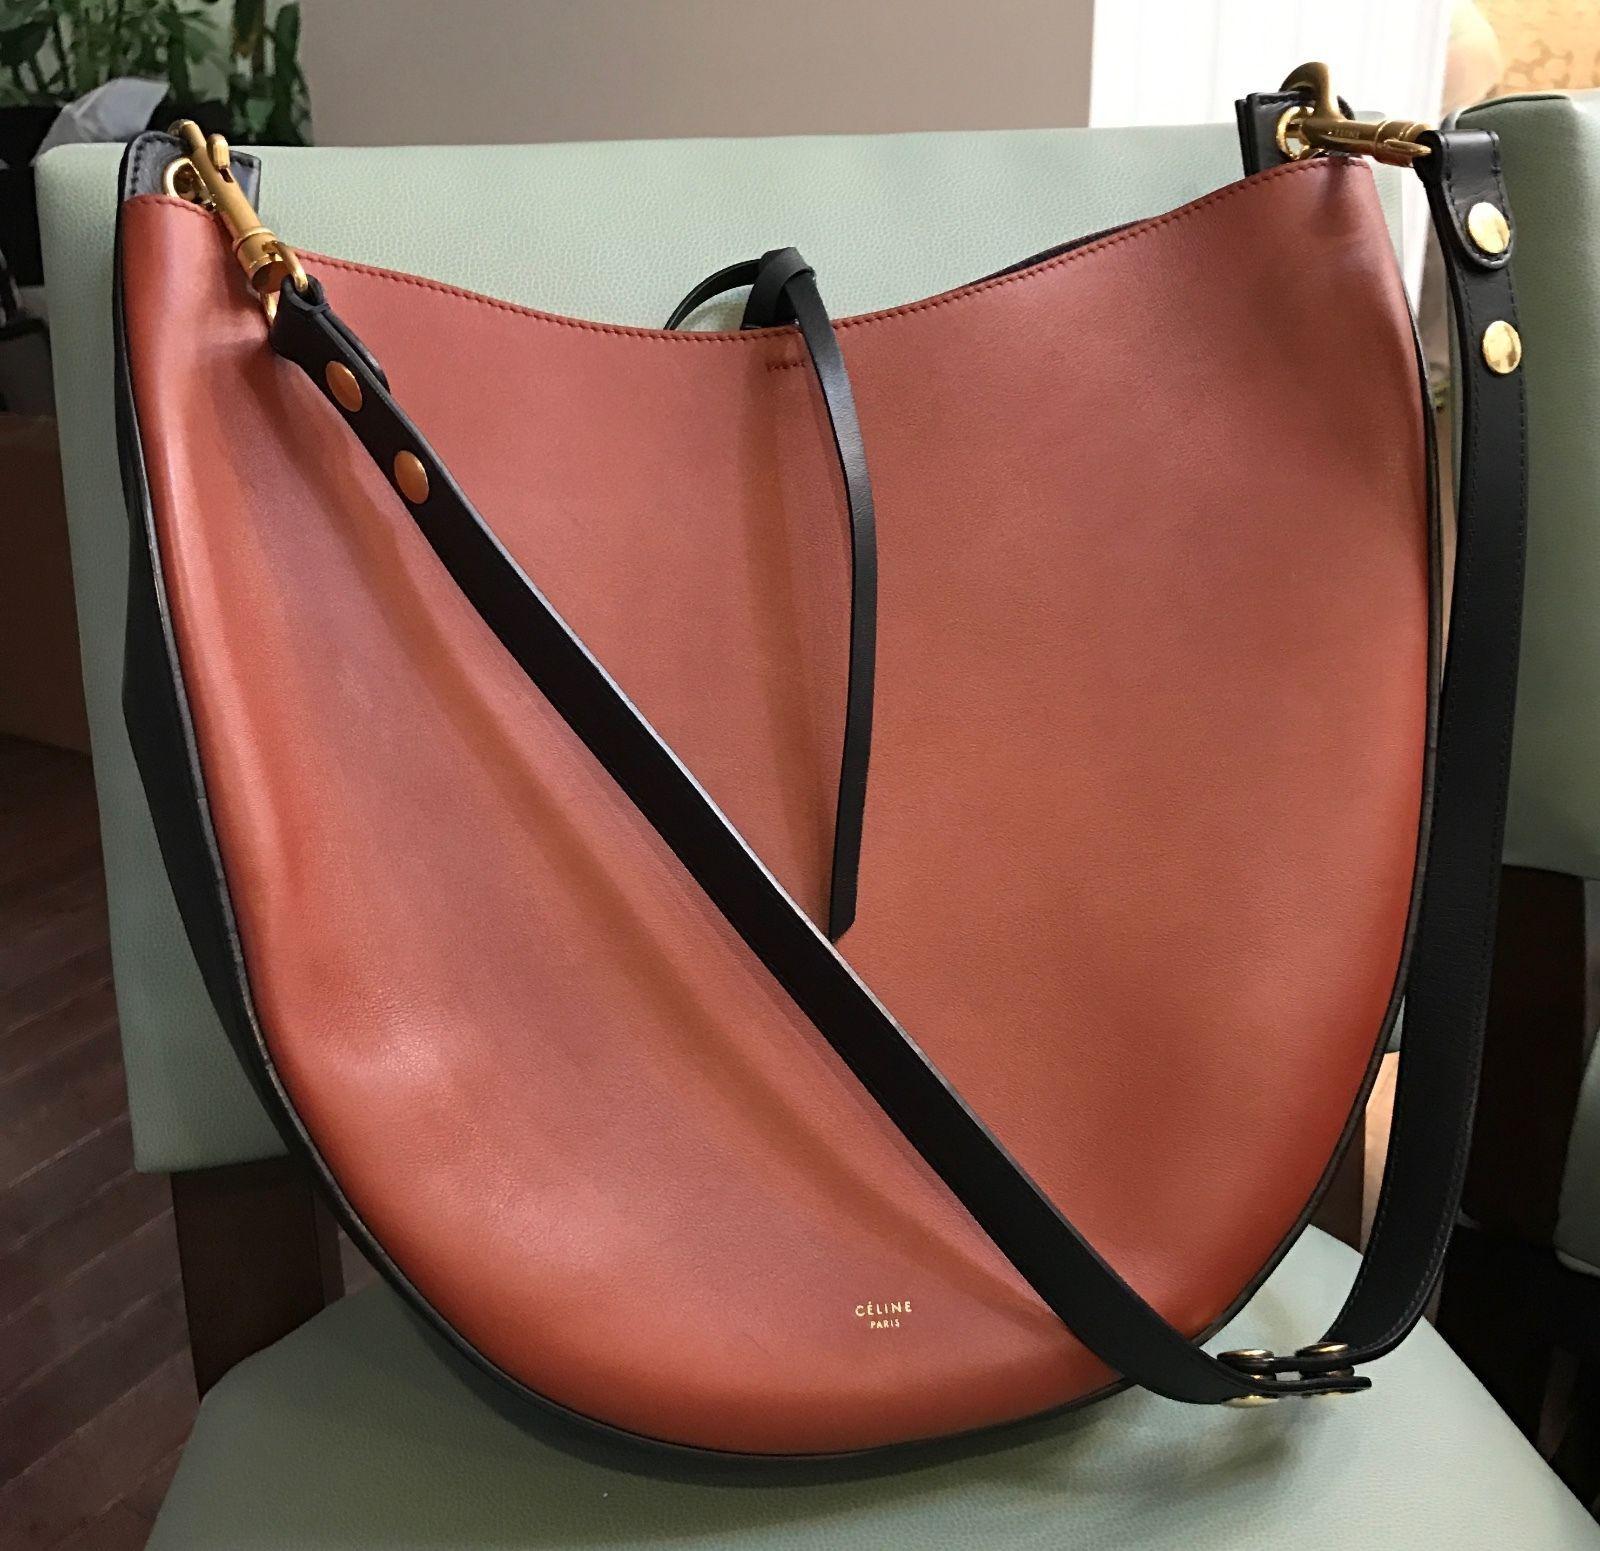 Trending - Celine Bi Color Hobo Handbag In Palmelato Leather https   t 23d1e780d21f6